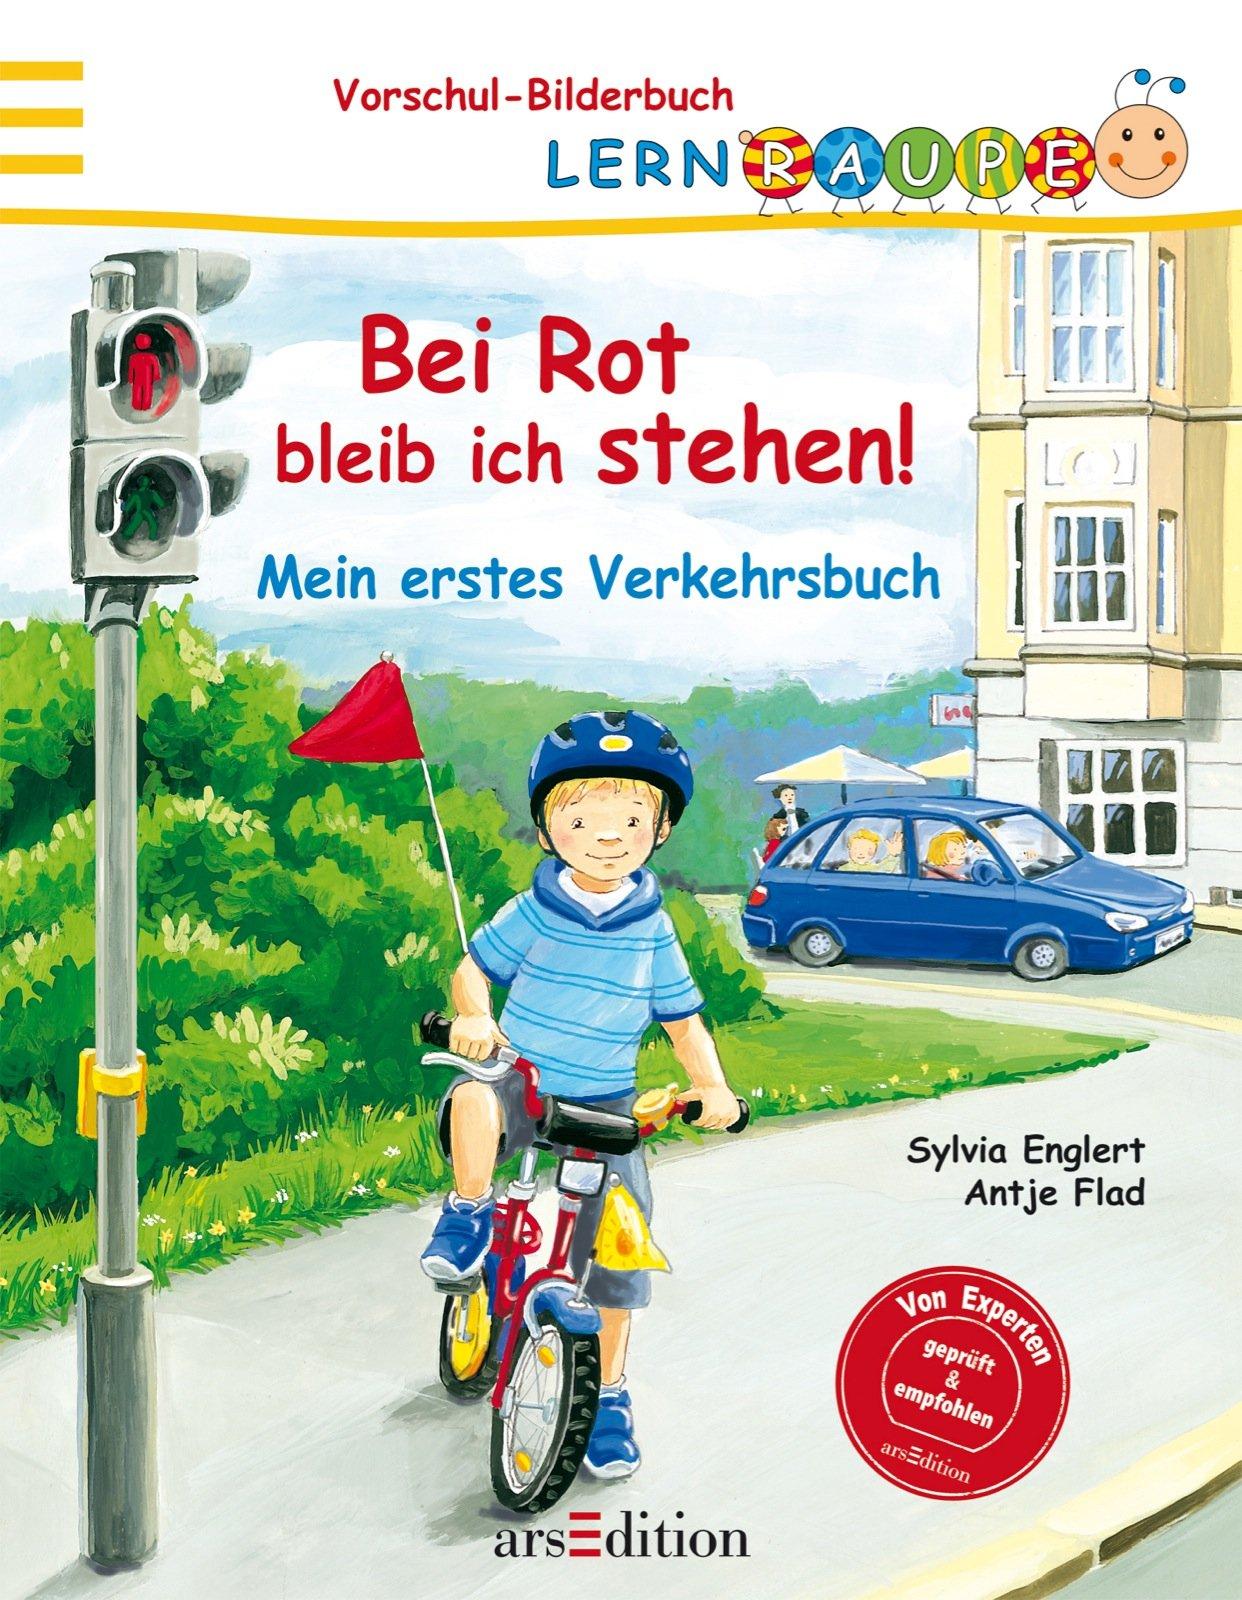 Lernraupe - Bei Rot bleib ich stehen!: Mein erstes Verkehrsbuch (Lernraupe-Vorschule)